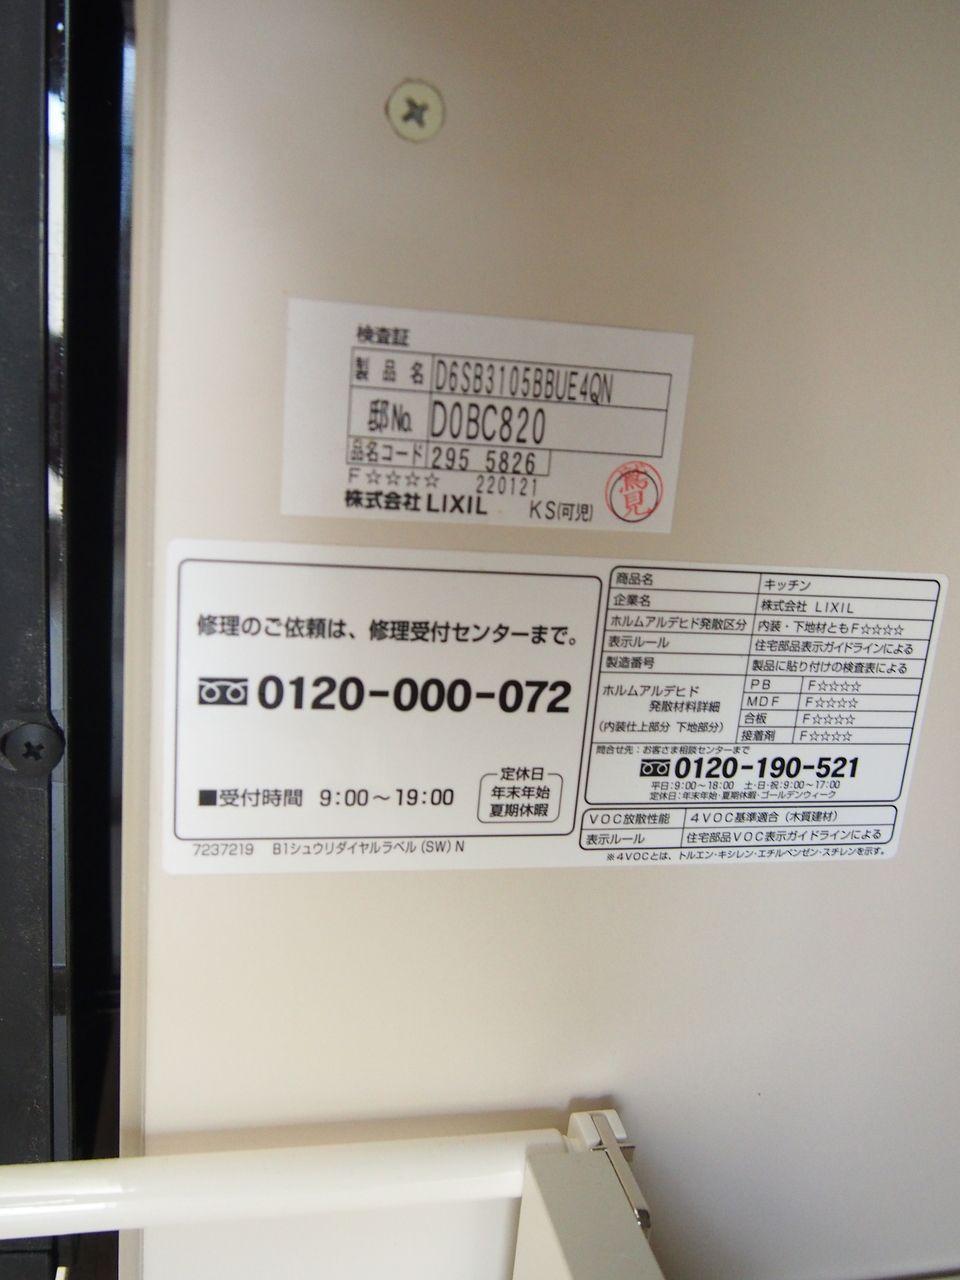 ホルムアルデヒド対策:システムキッチンに使用面積制 限を受けないF☆☆☆☆(最高等級)ランク